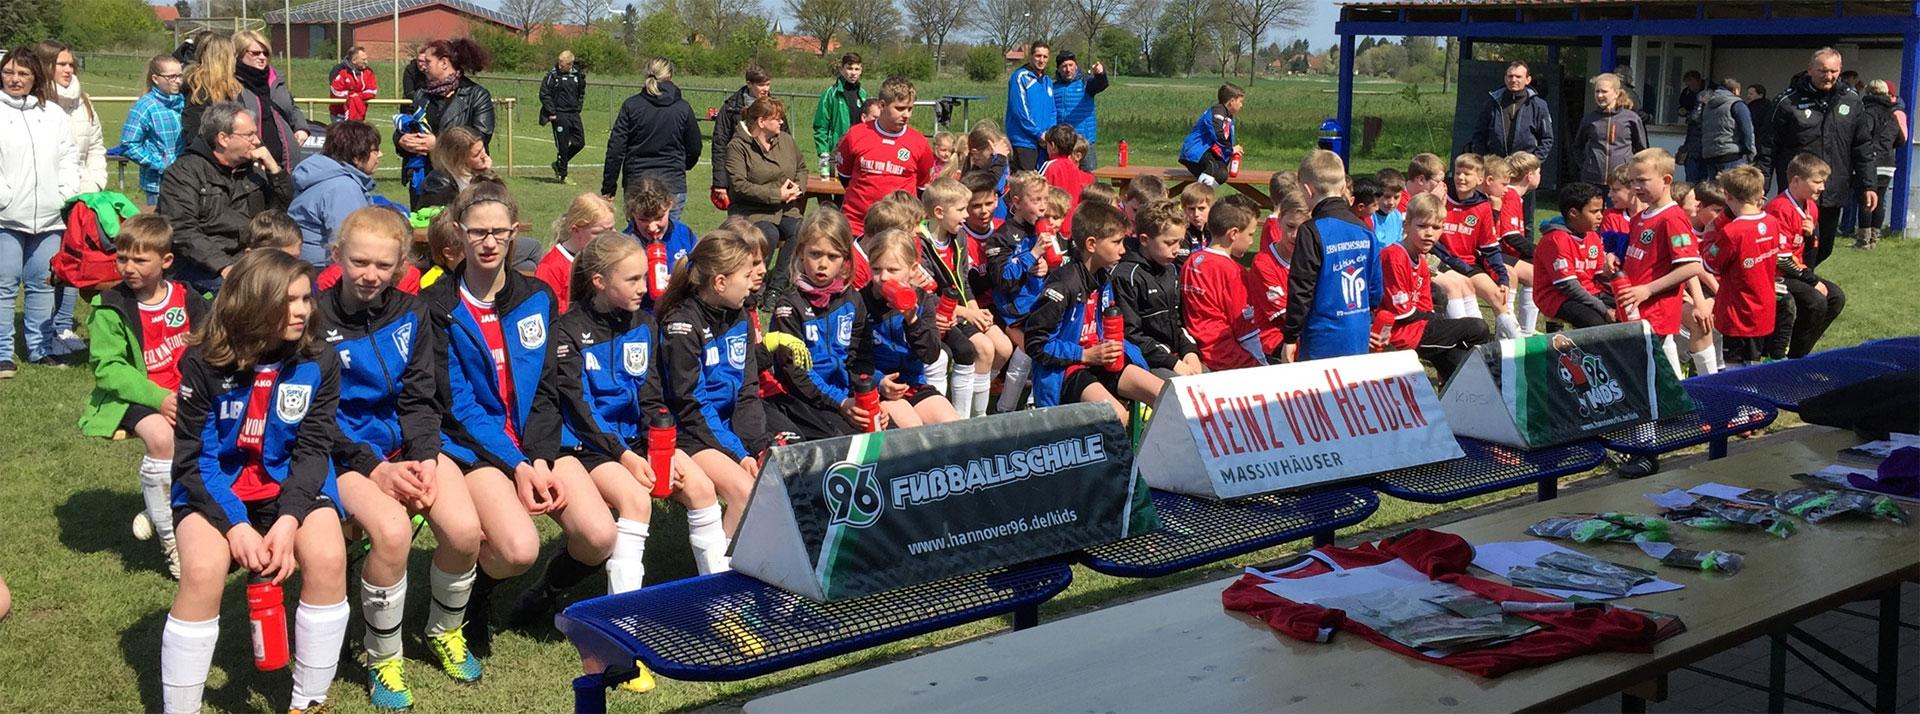 Die 96-Fußballschule beim SBV Erichshagen